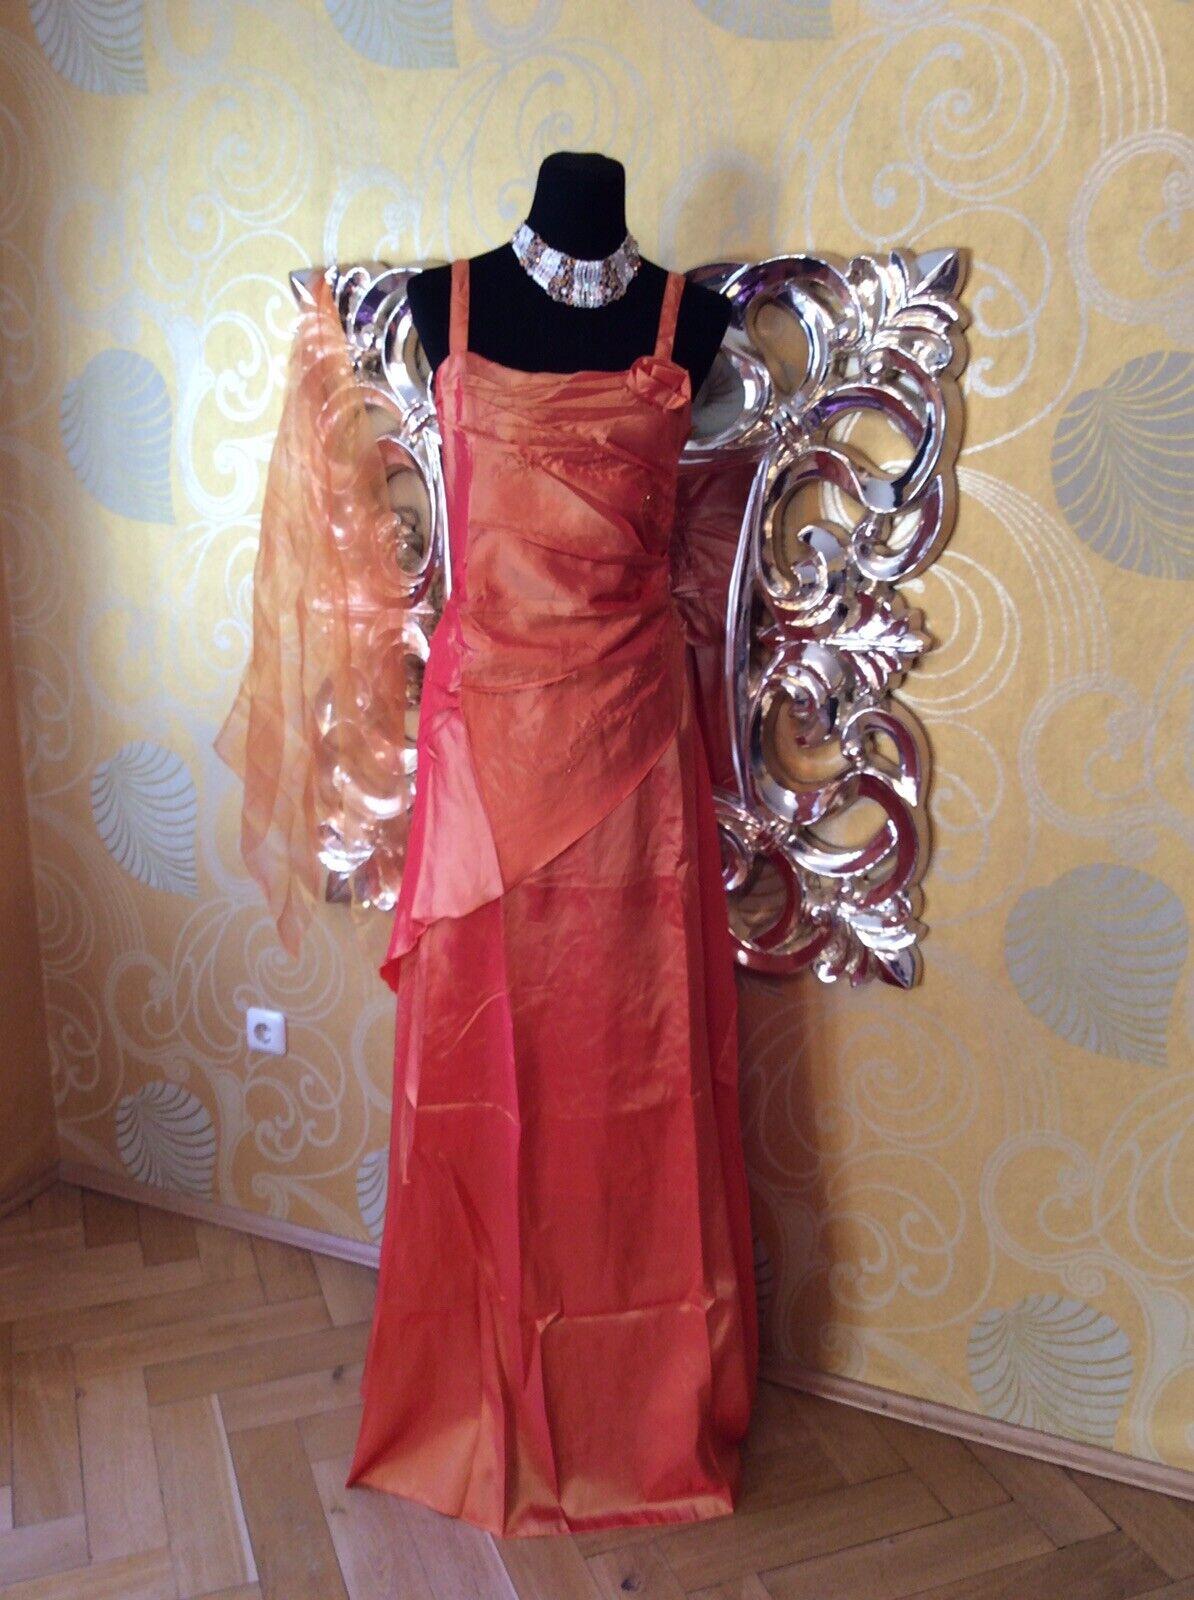 Abendkleid Ballkleid Brautkleid Maxikleid Kleid Taft in Orange ( ( ( 474), Gr. 50   Ausgang    Sehen Sie die Welt aus der Perspektive des Kindes    Genial Und Praktisch  2d0abb